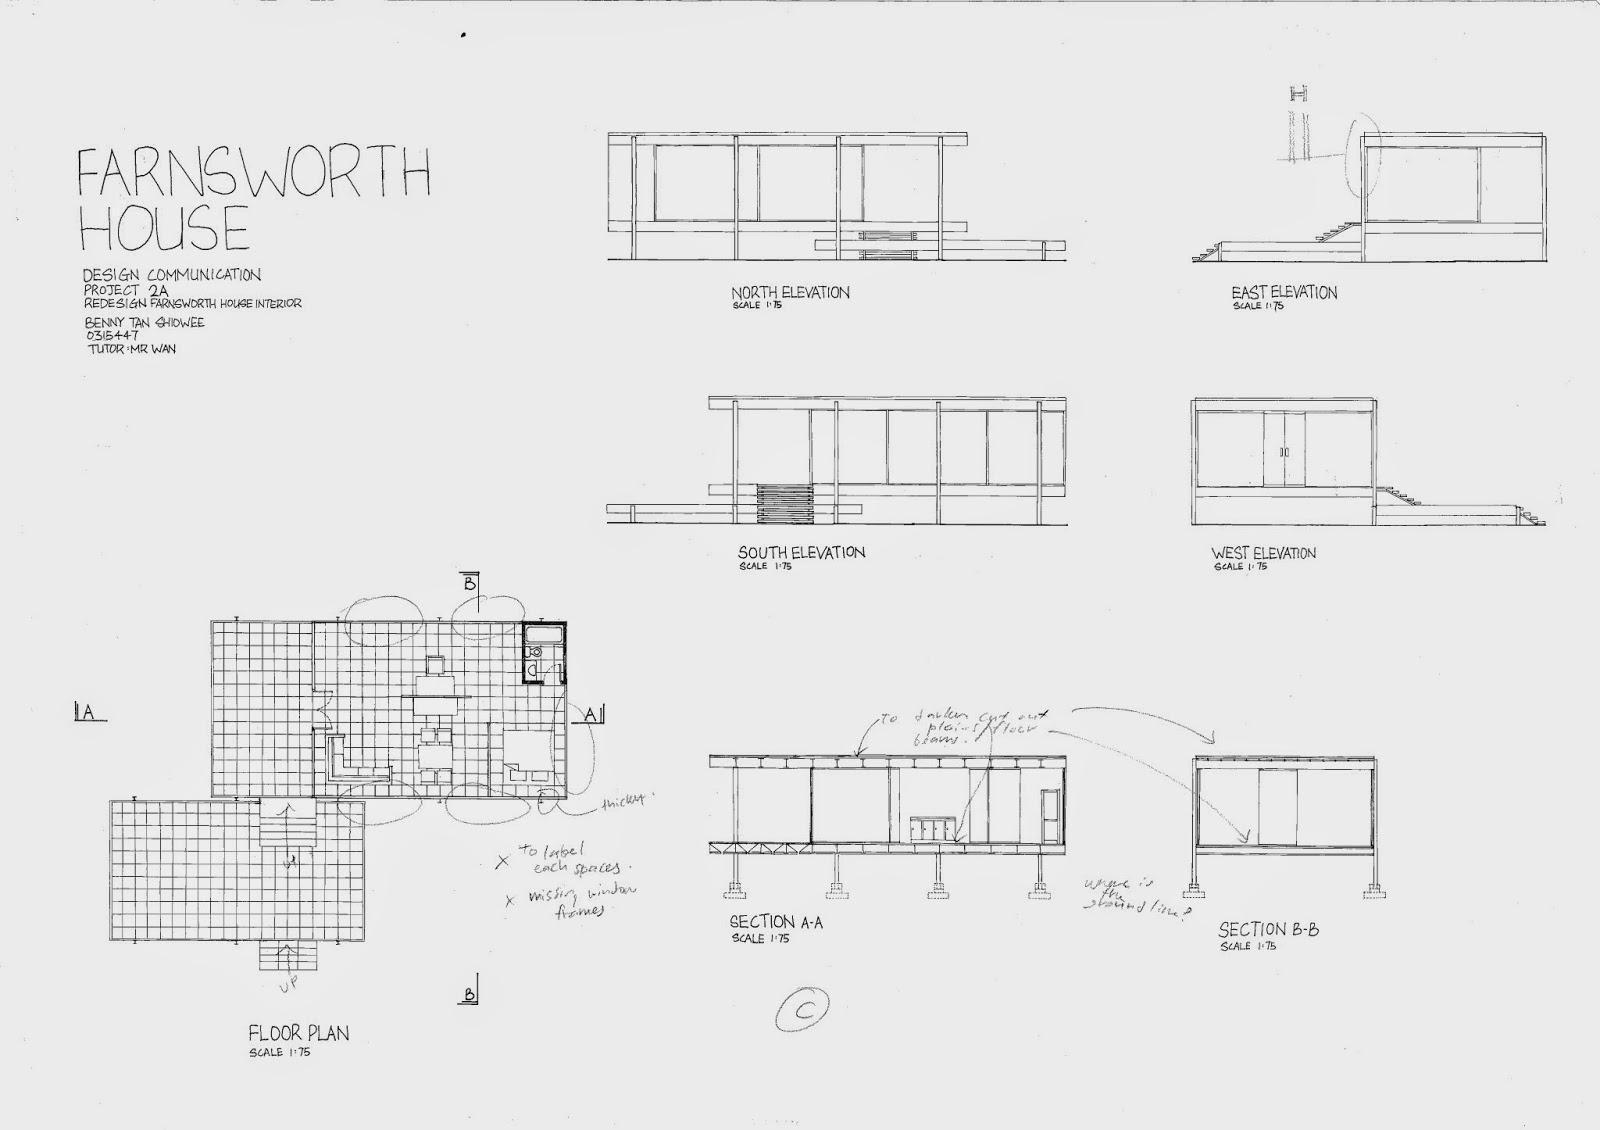 design communication project 02 bennyts e portfolio. Black Bedroom Furniture Sets. Home Design Ideas